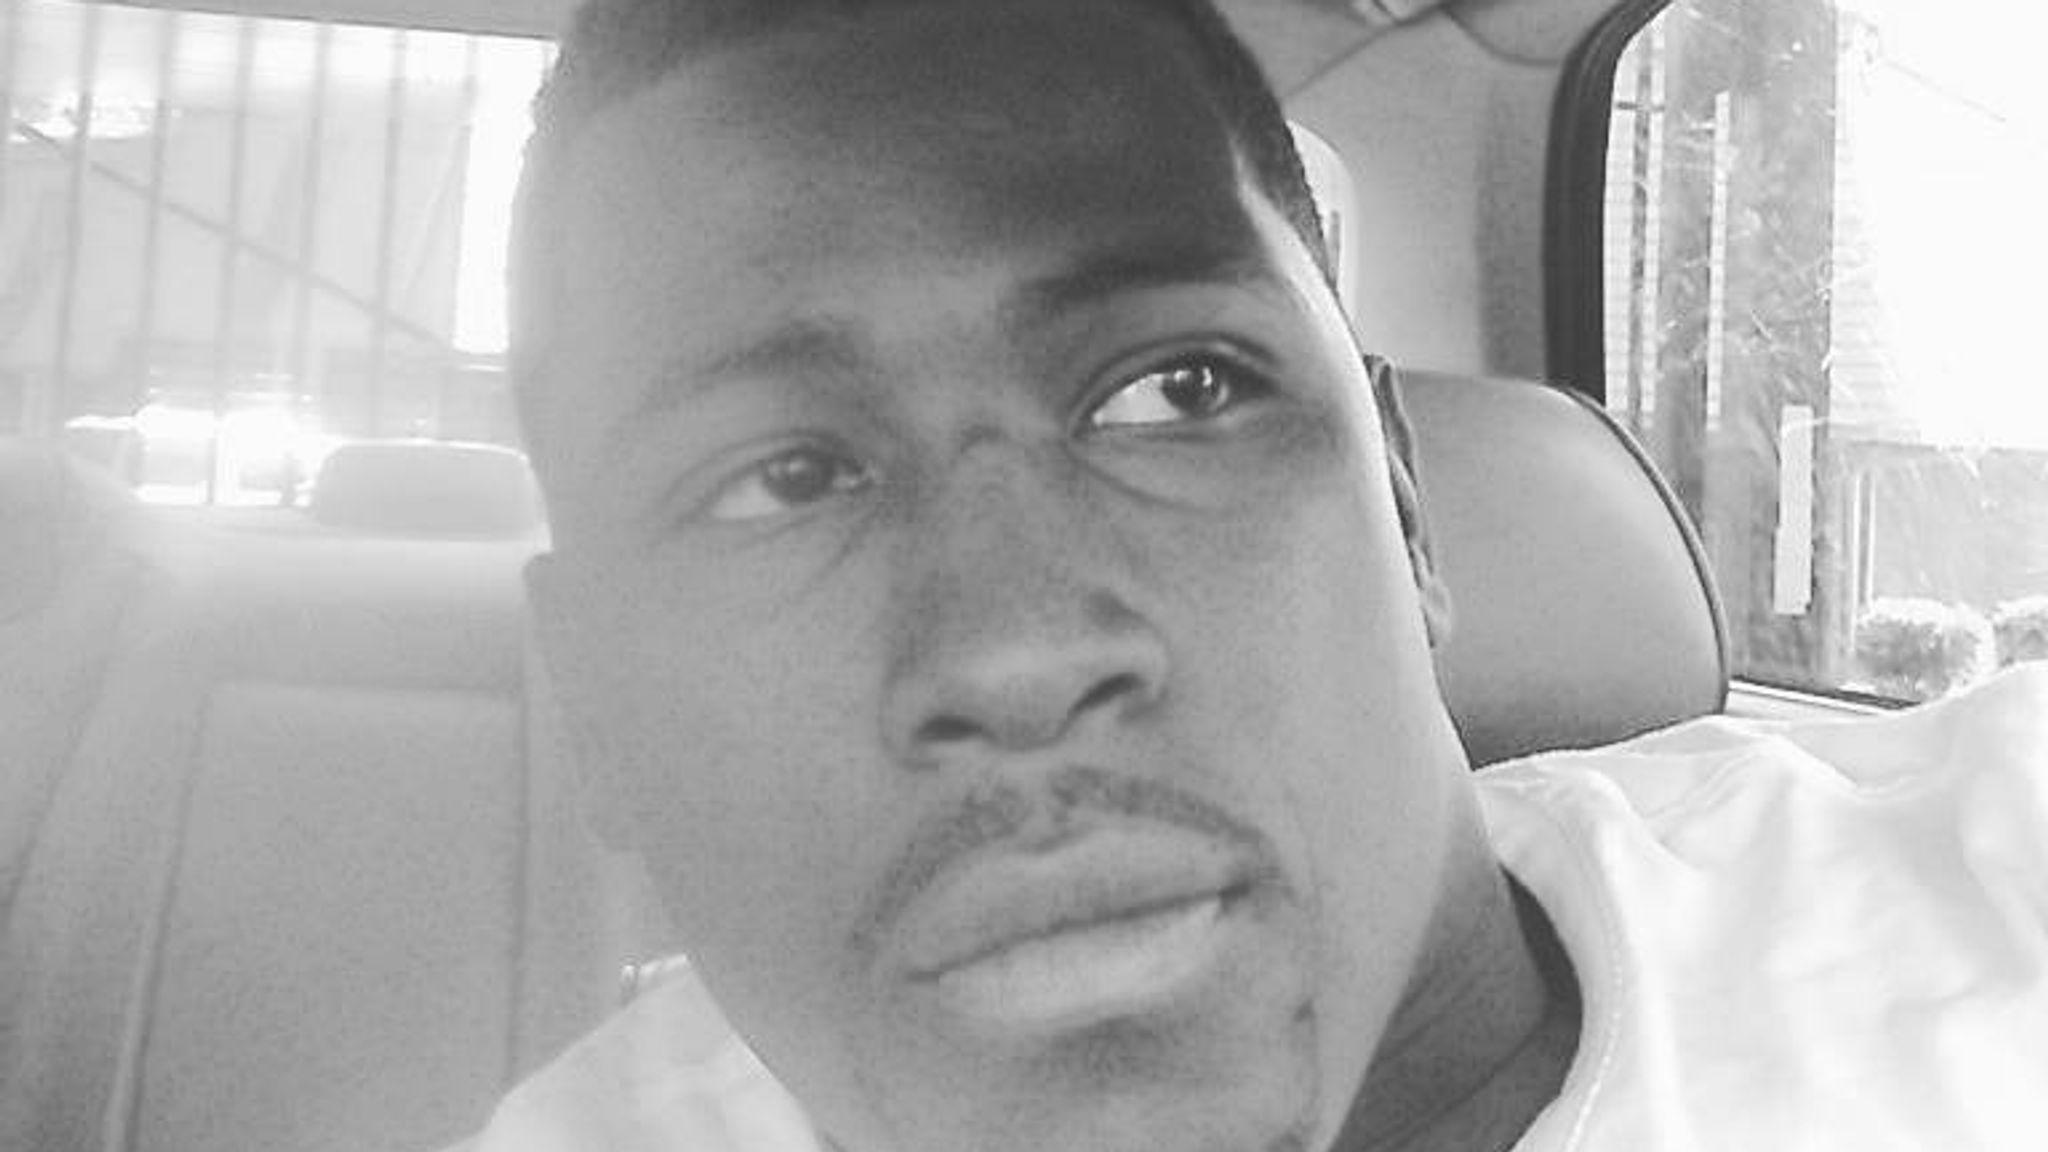 White Officer Shoots Black Man